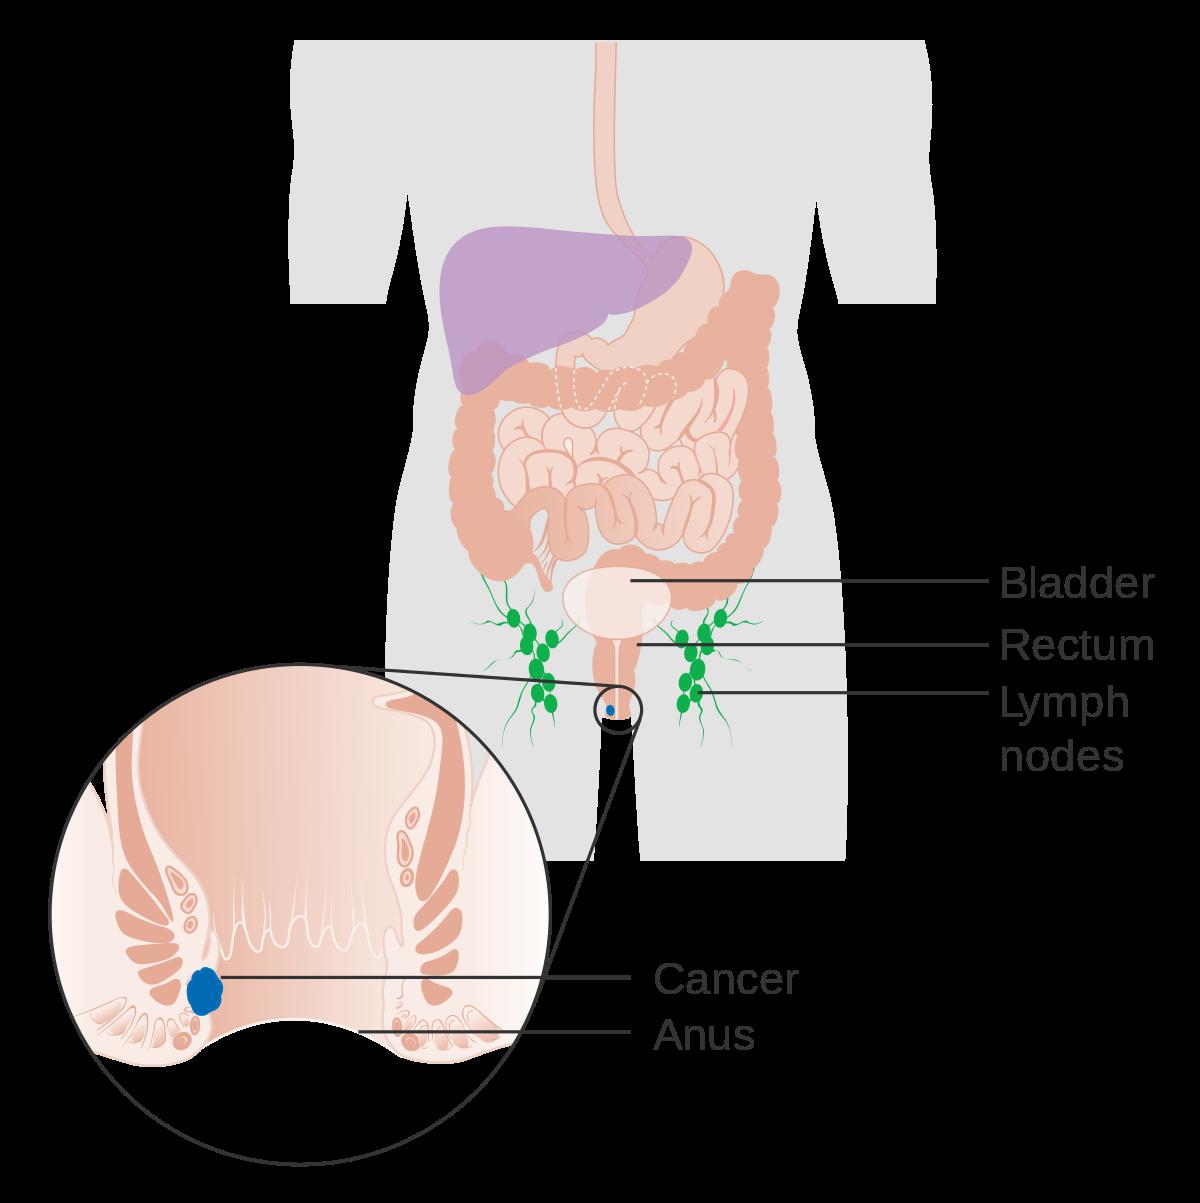 tumore ano da hpv